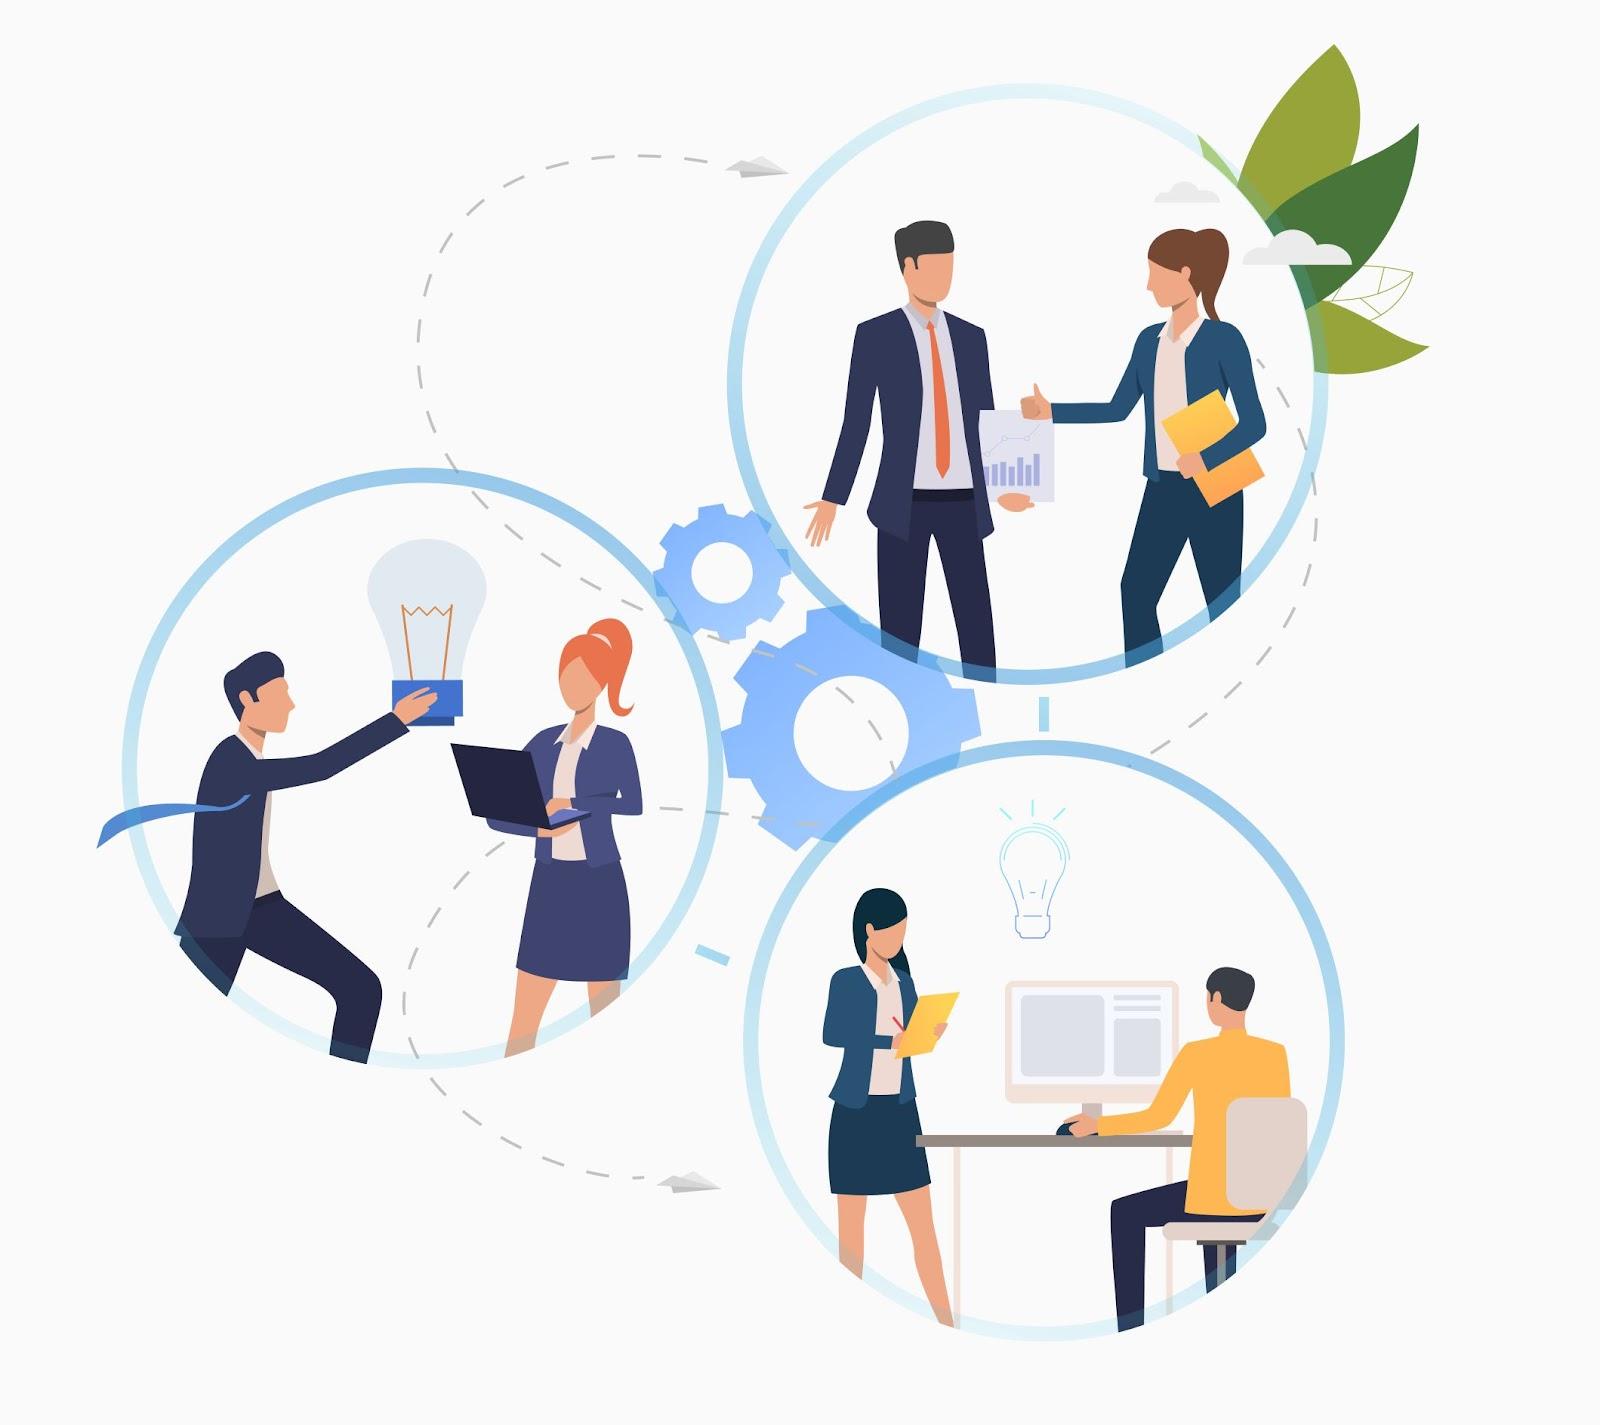 Imagem criada digitalmente com diversos círculos, nos quais pessoas vetorizadas realizam atividades de trabalho por meio das metodologias ágeis.